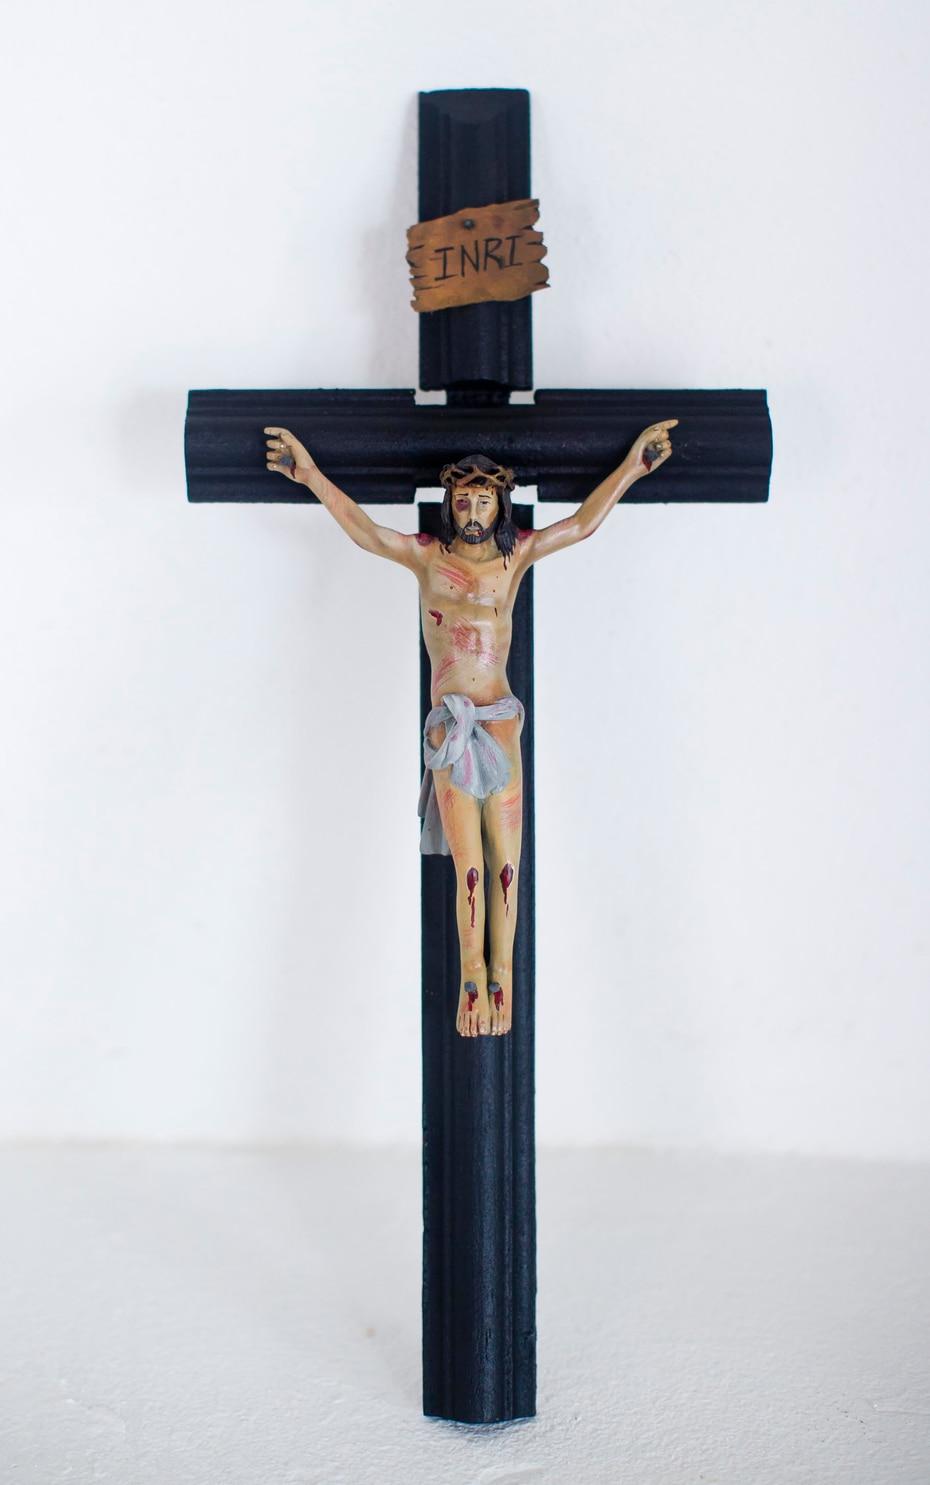 """""""La crucifixión y muerte de nuestro señor Jesús"""", por Jesús Nieves Dorta, evidencia el cuidado del artista con el uso de la pintura sobre madera."""